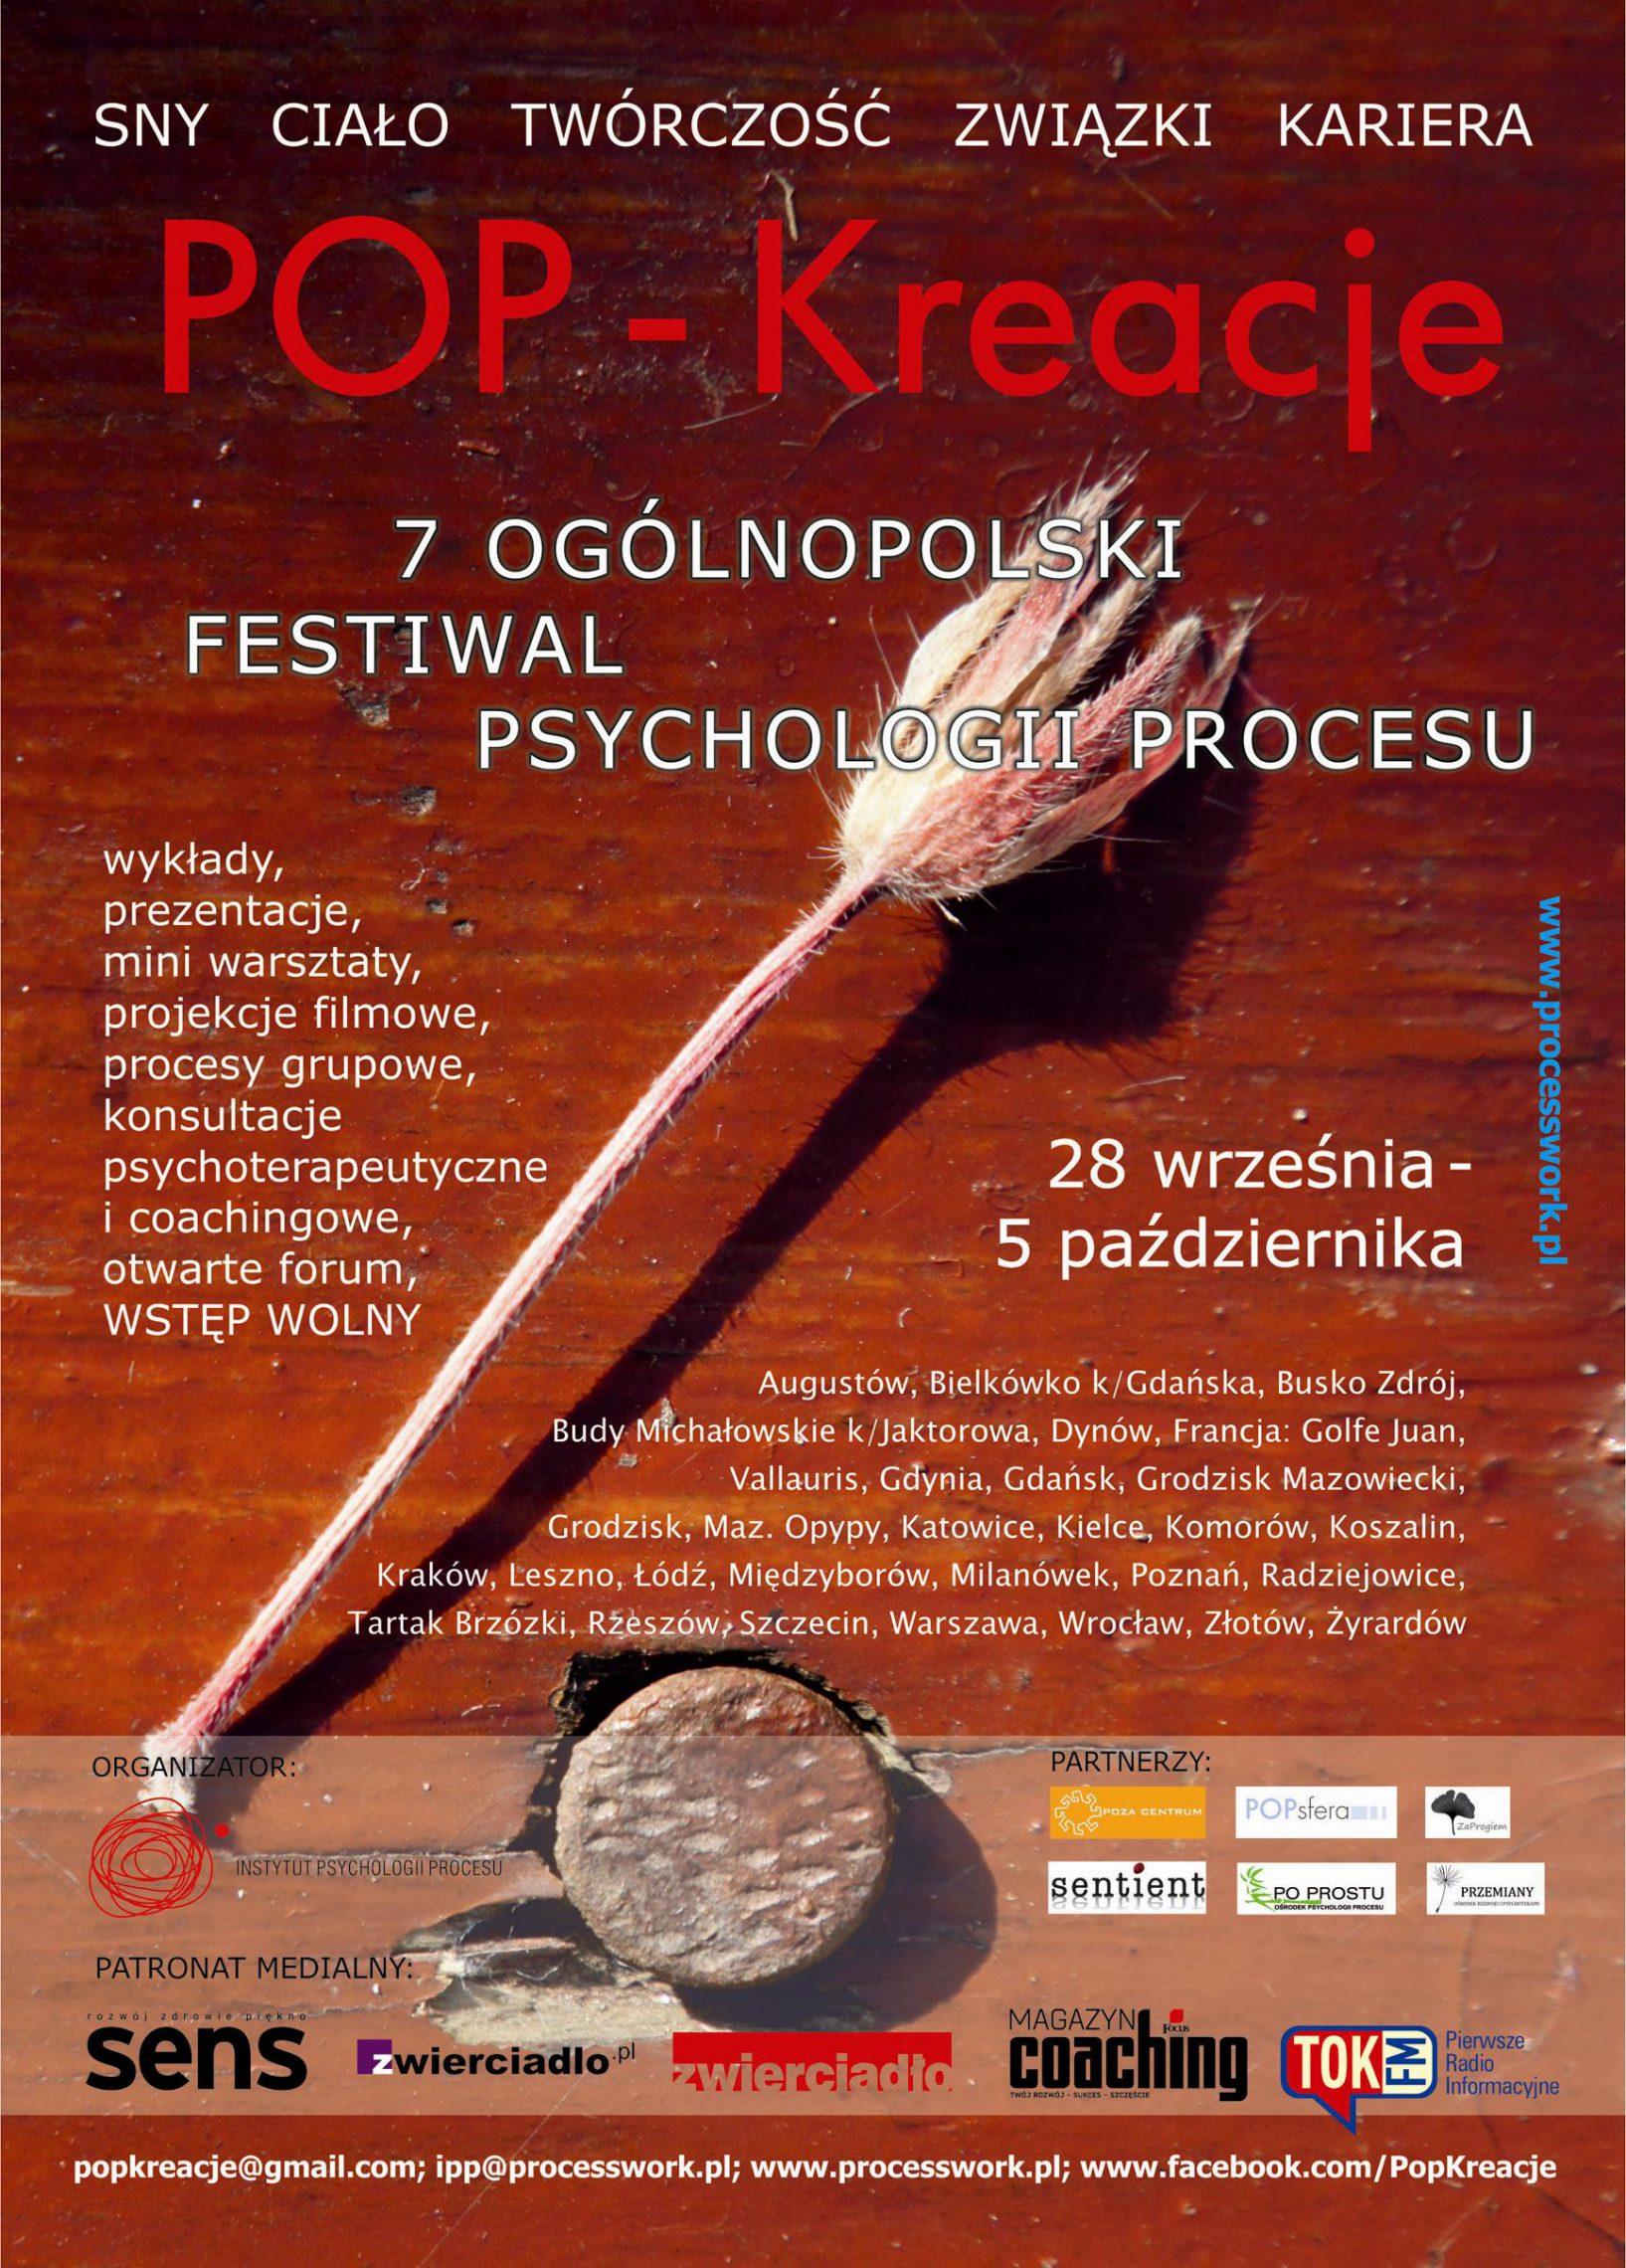 POP - Kreacje – festiwal praktycznej psychologii